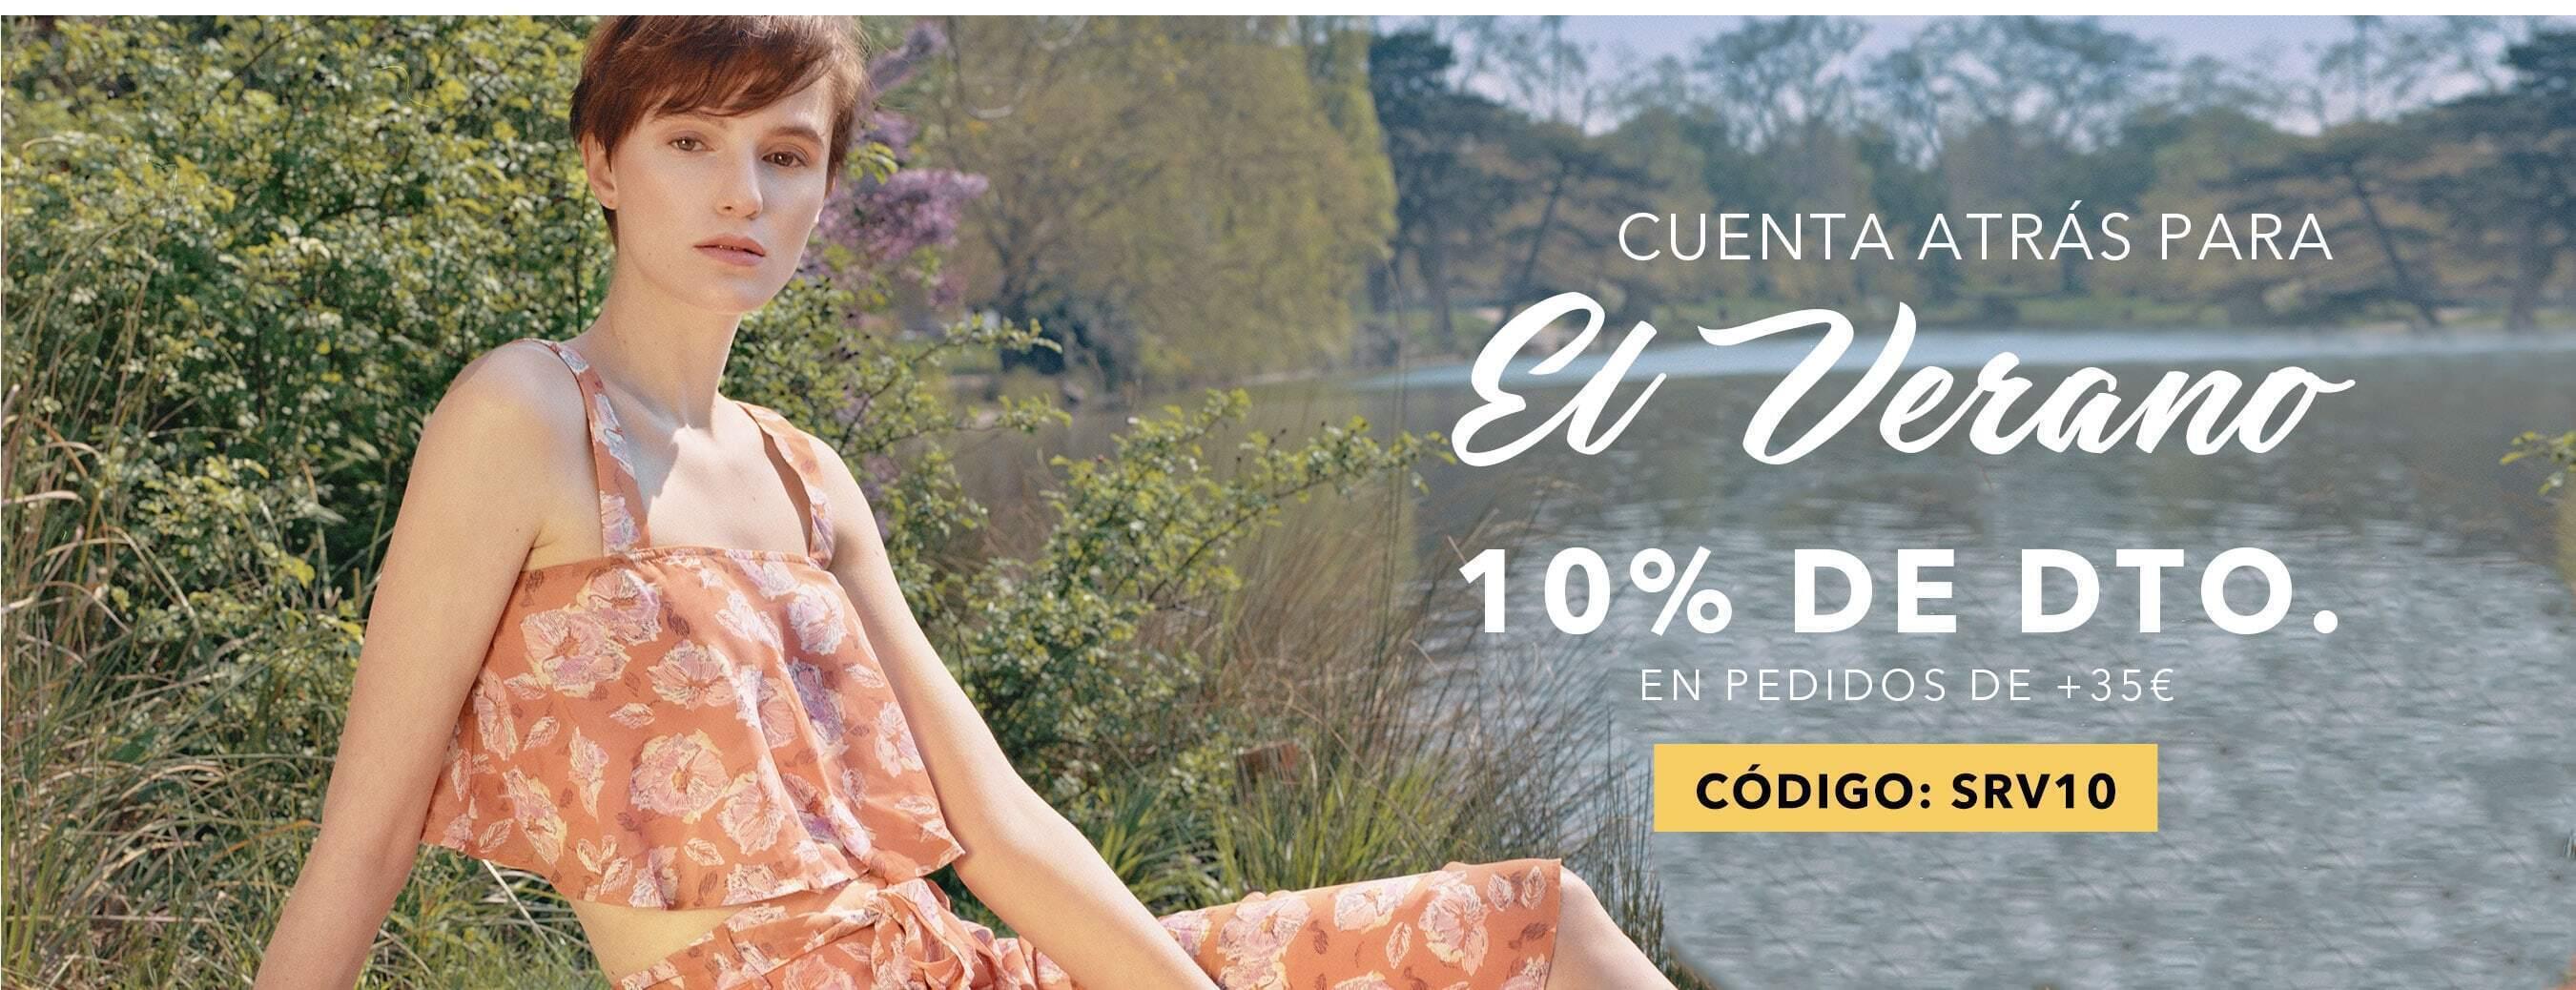 6ca994d5d5 Ropa y moda de Mujer al mejor precio online